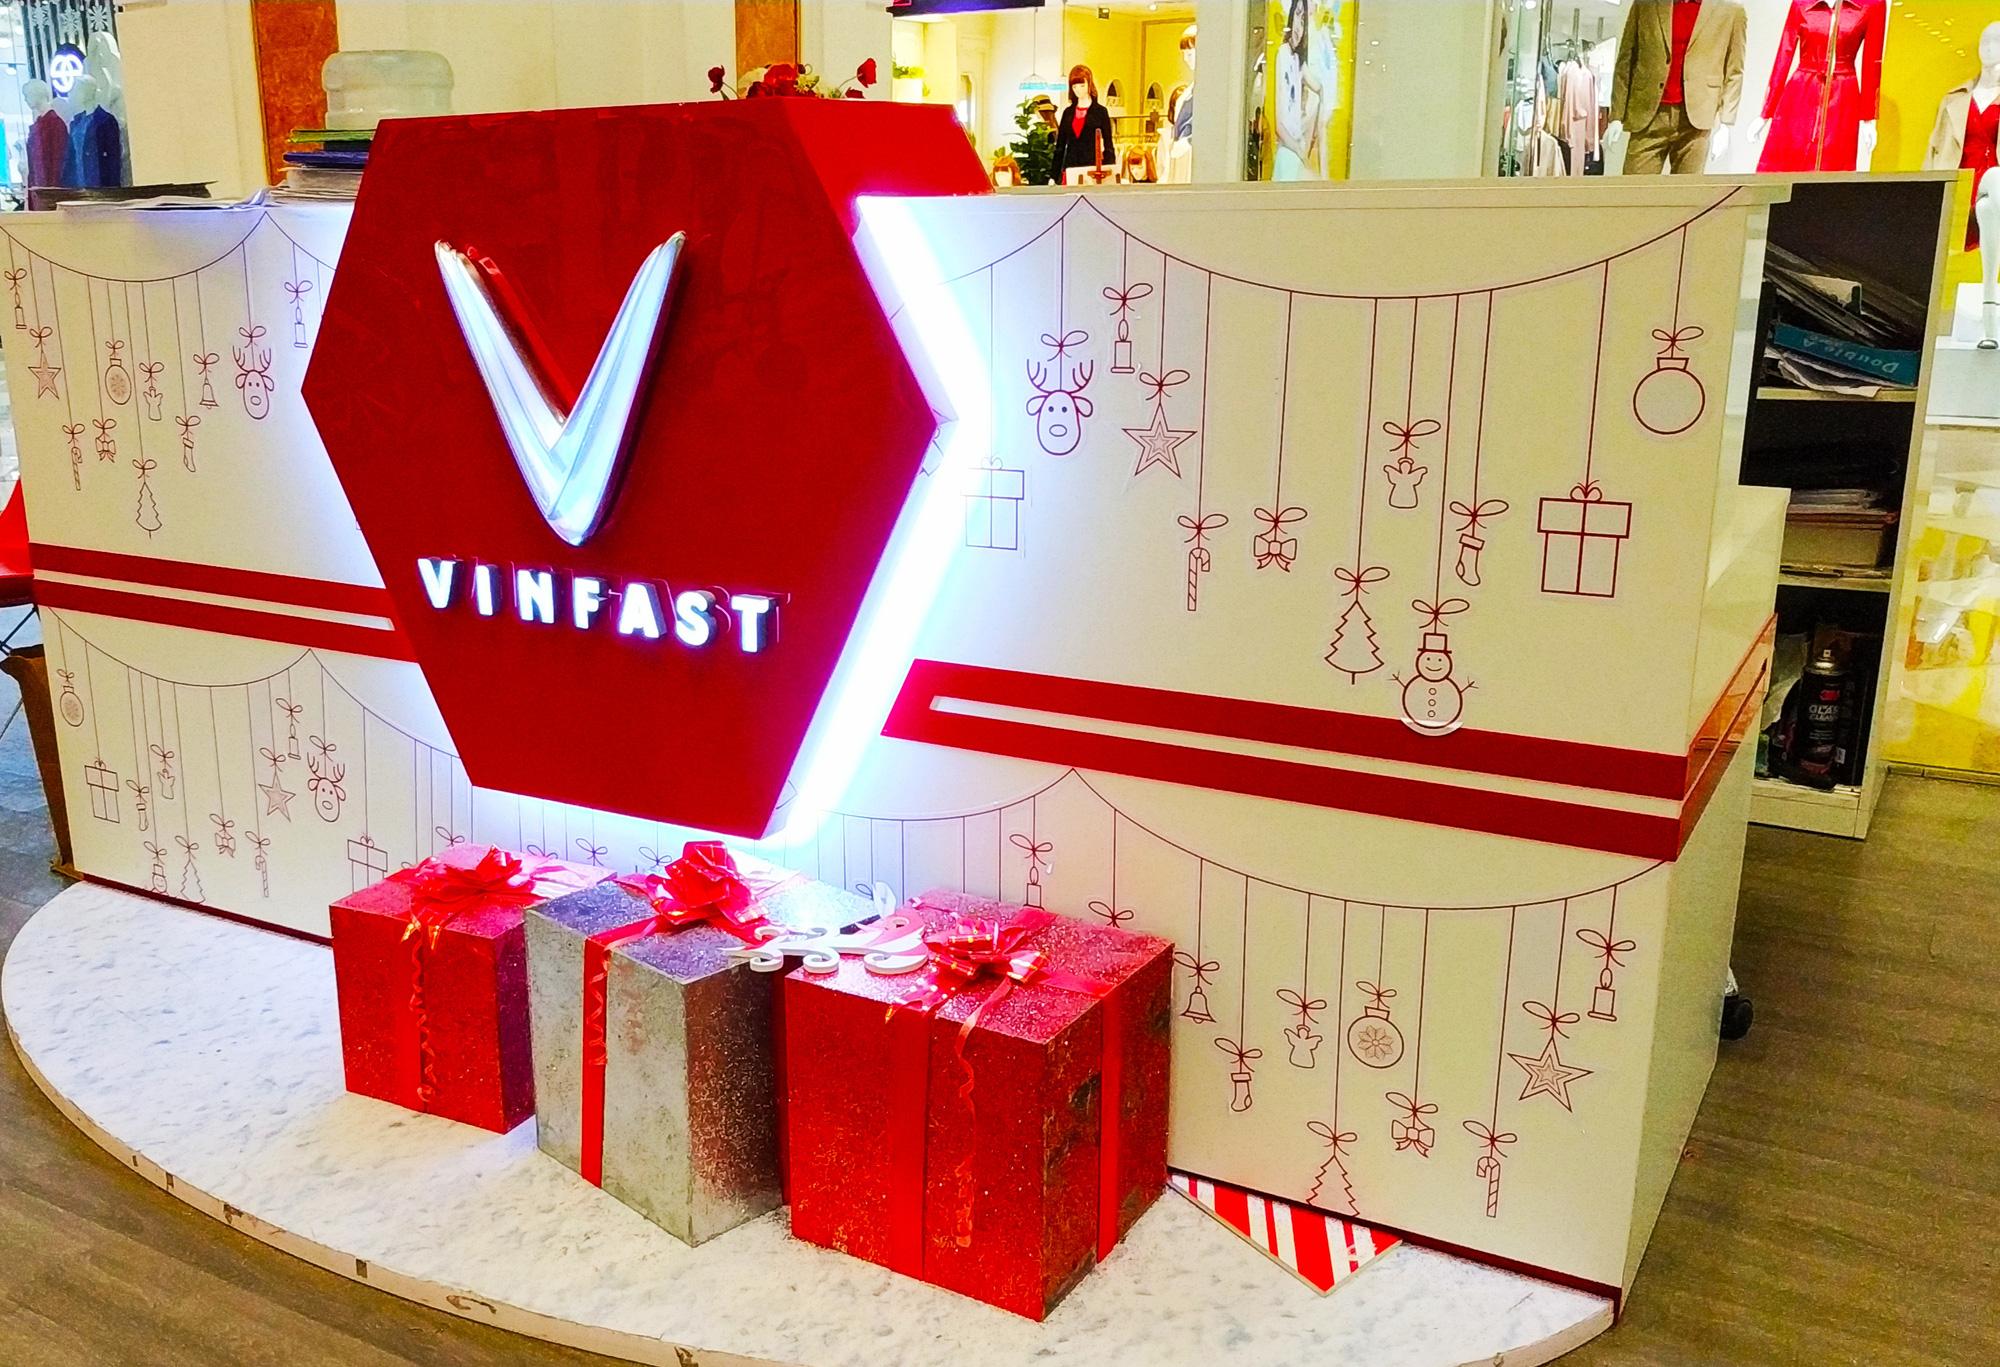 VinFast sắp nhận sở hữu gần 90 triệu cổ phần Vinhomes - Ảnh 1.